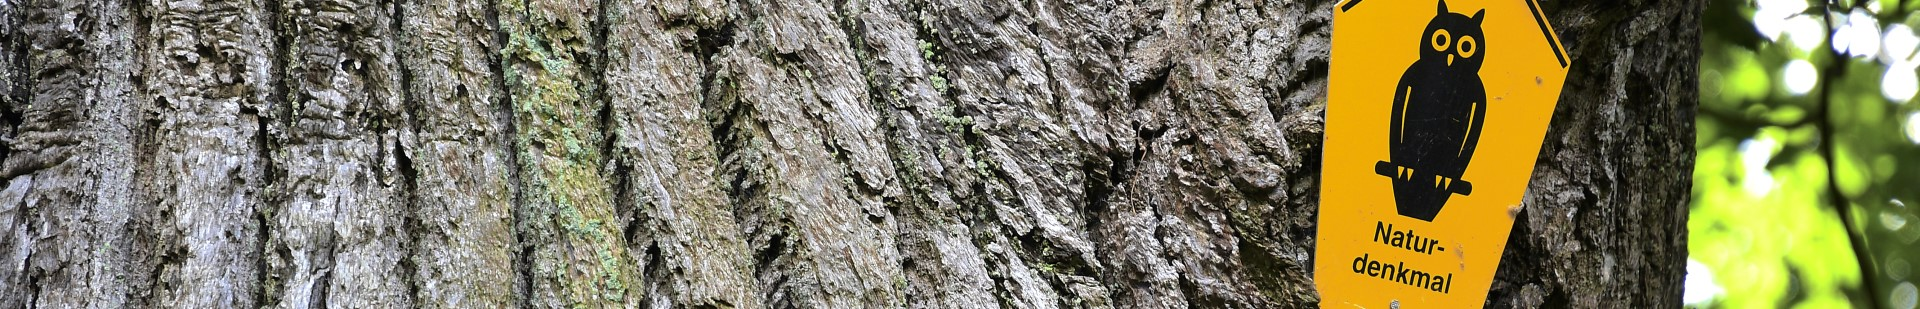 Relaunch Baum mit Schild Naturschutzgebiet Unterseite